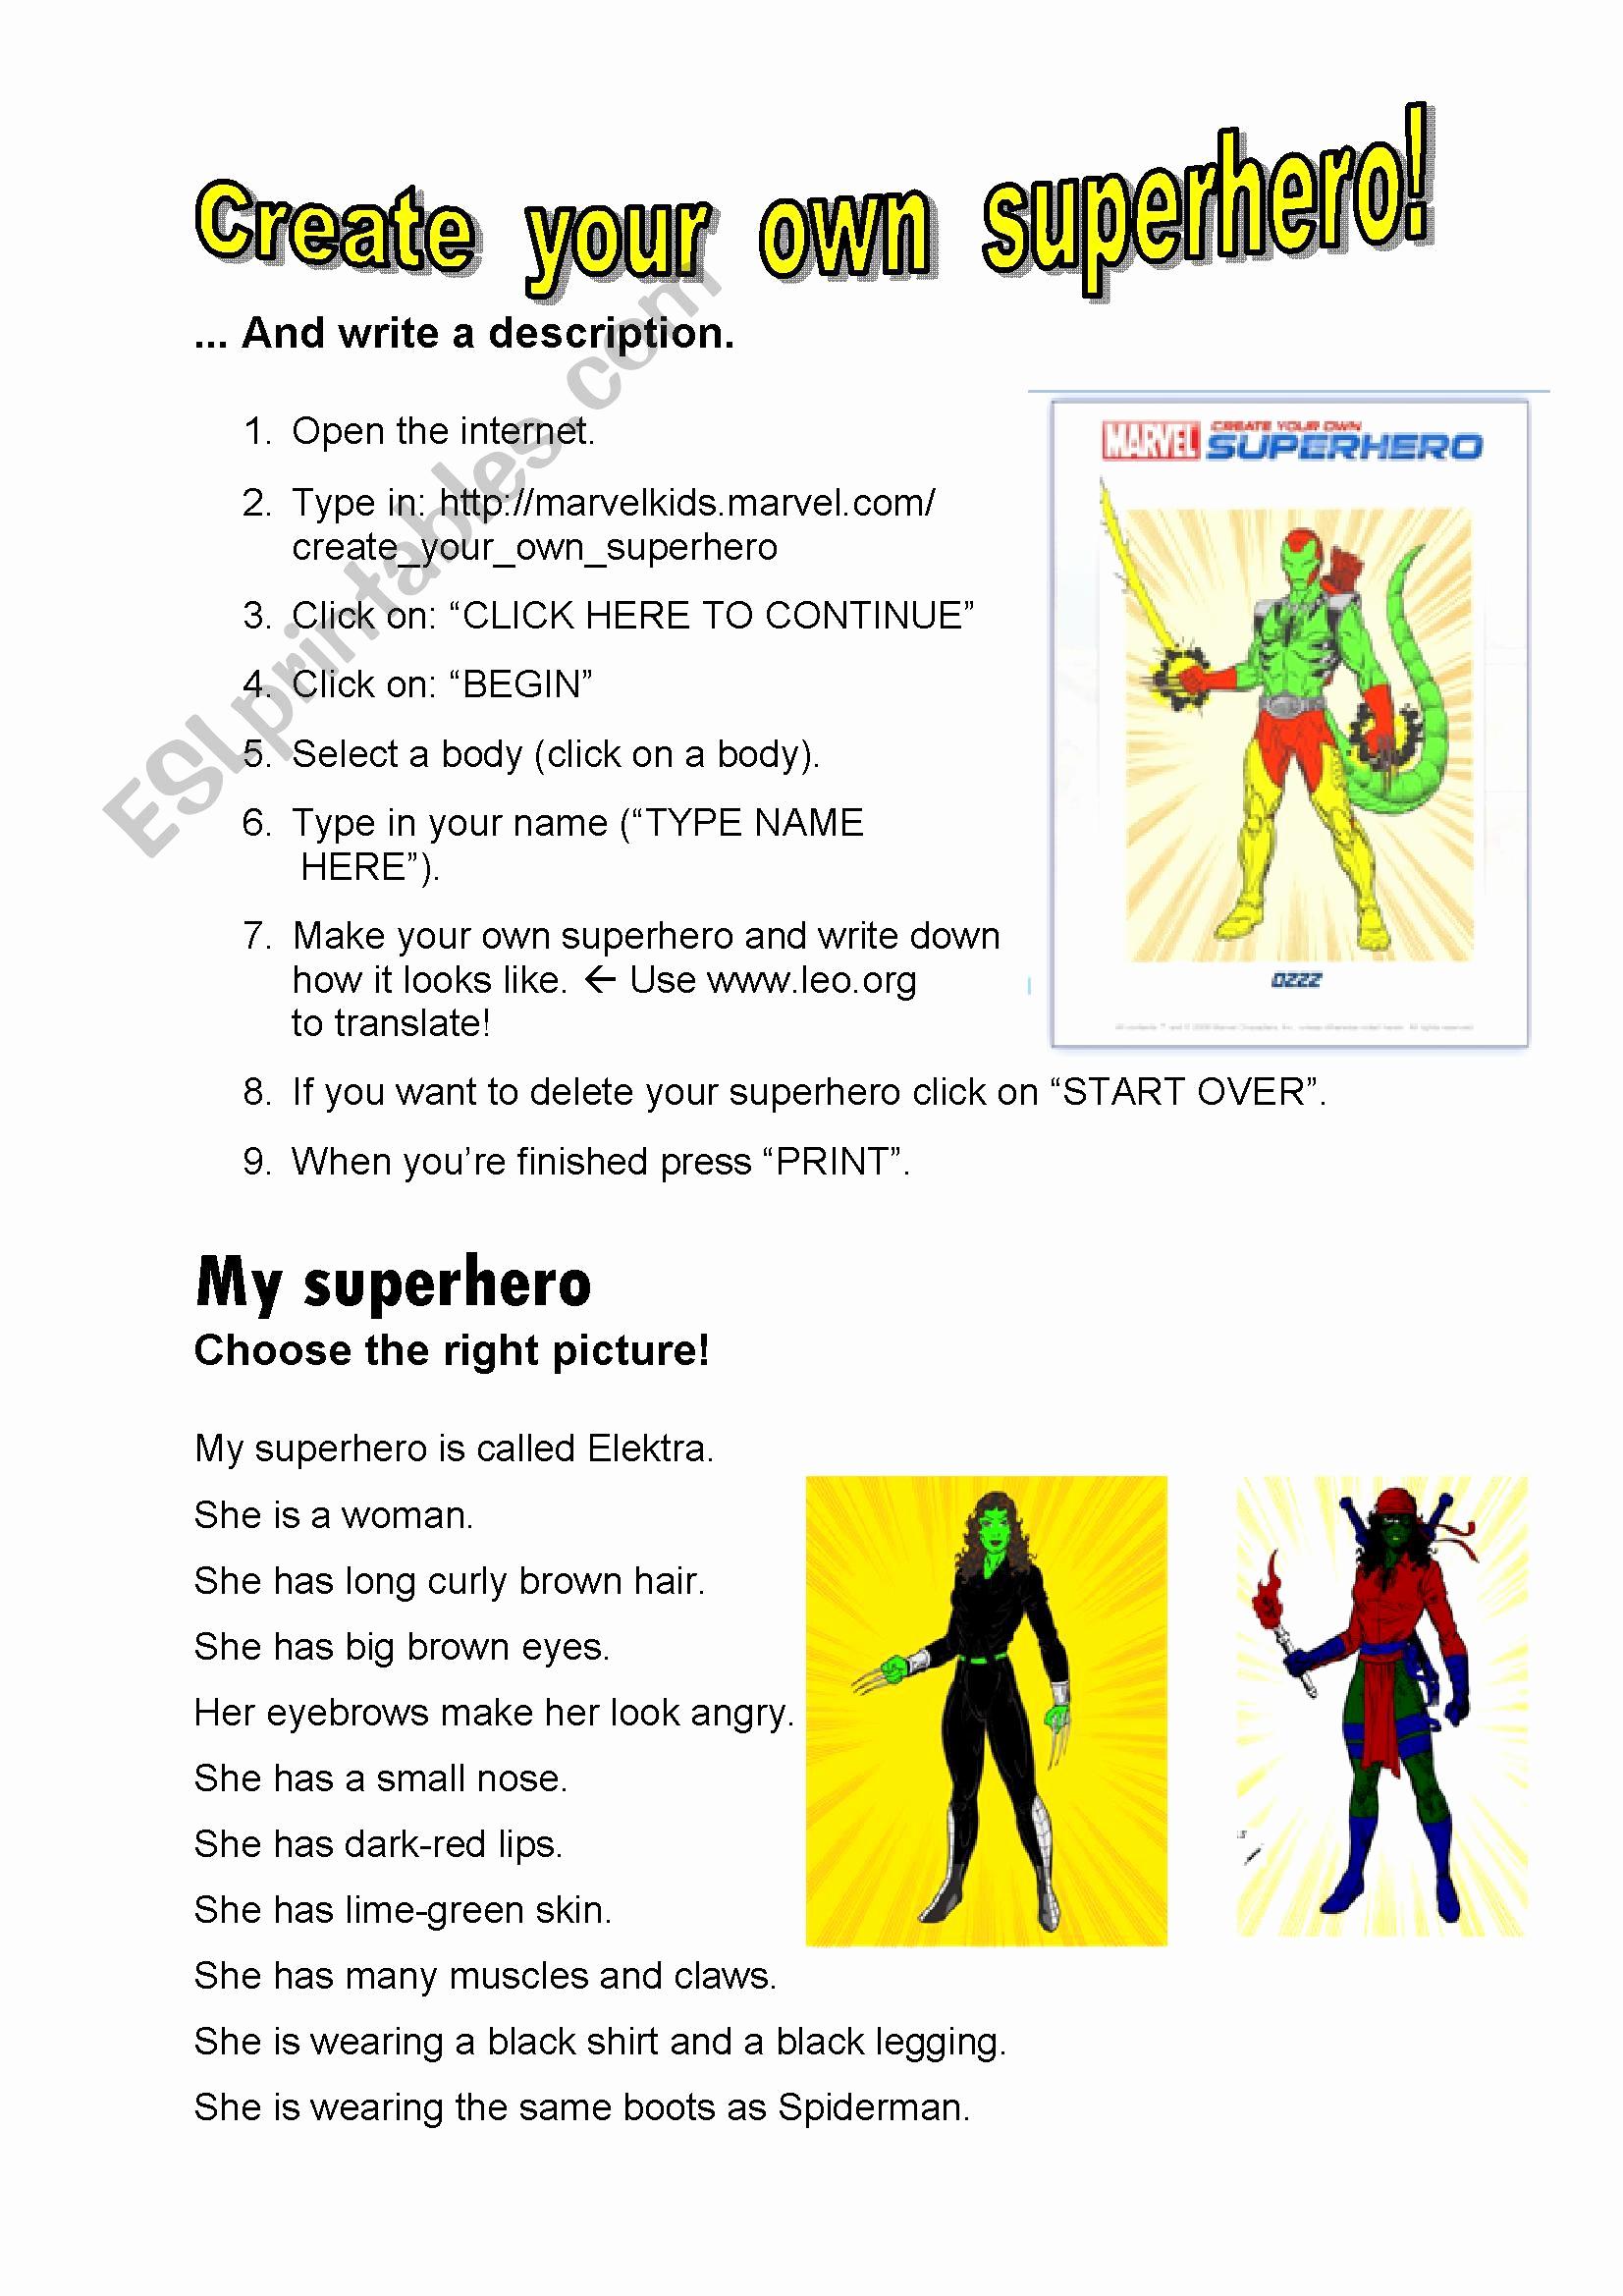 Design Your Own Superhero Worksheet Lovely English Worksheets Create Your Own Superhero Key